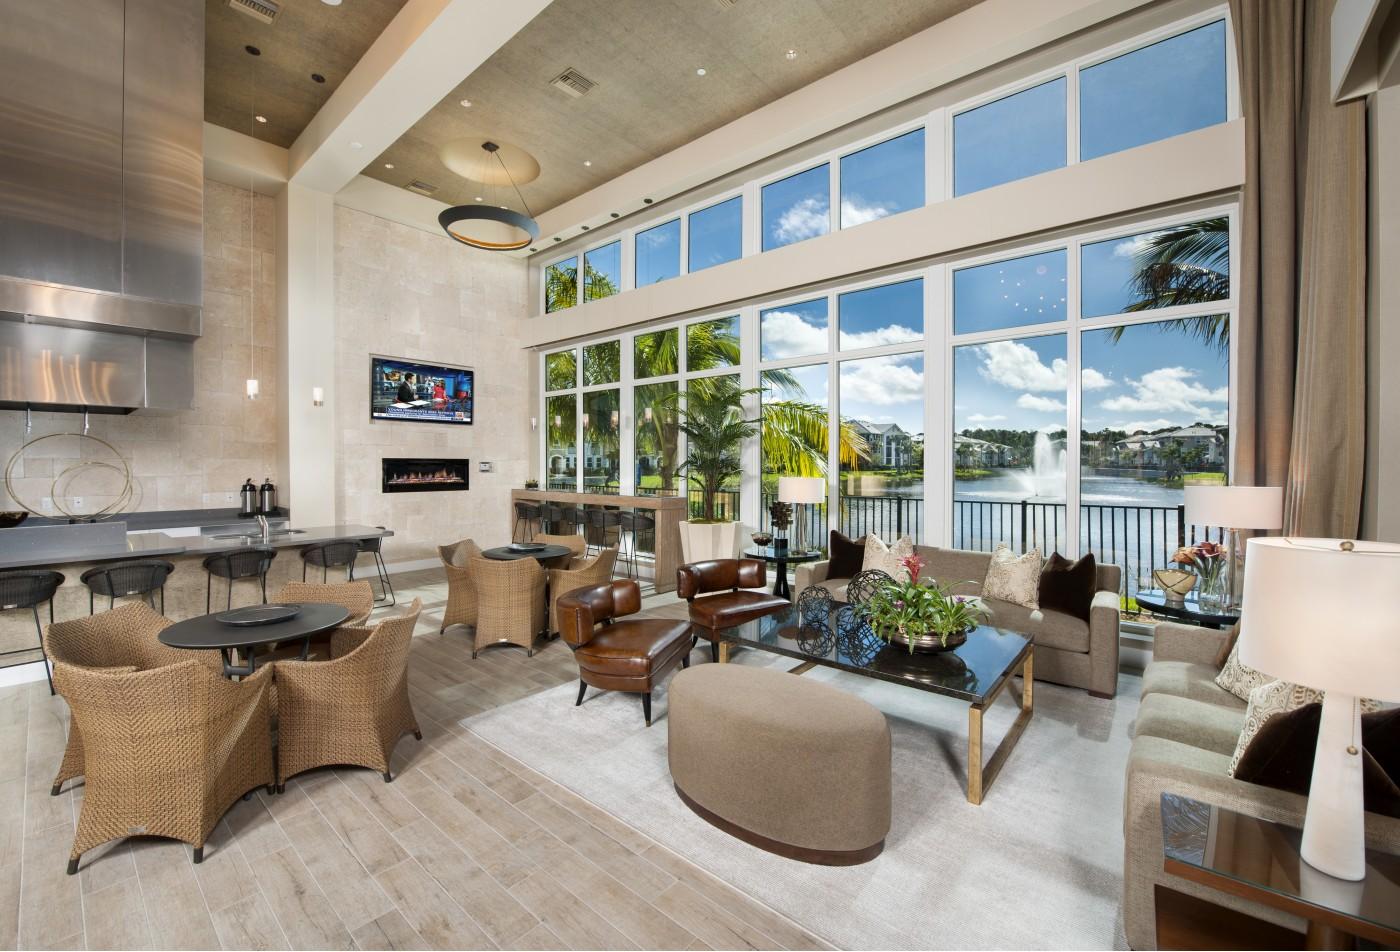 Apartment Homes in Palm Beach Gardens | The Quaye at Palm Beach Gardens KWR